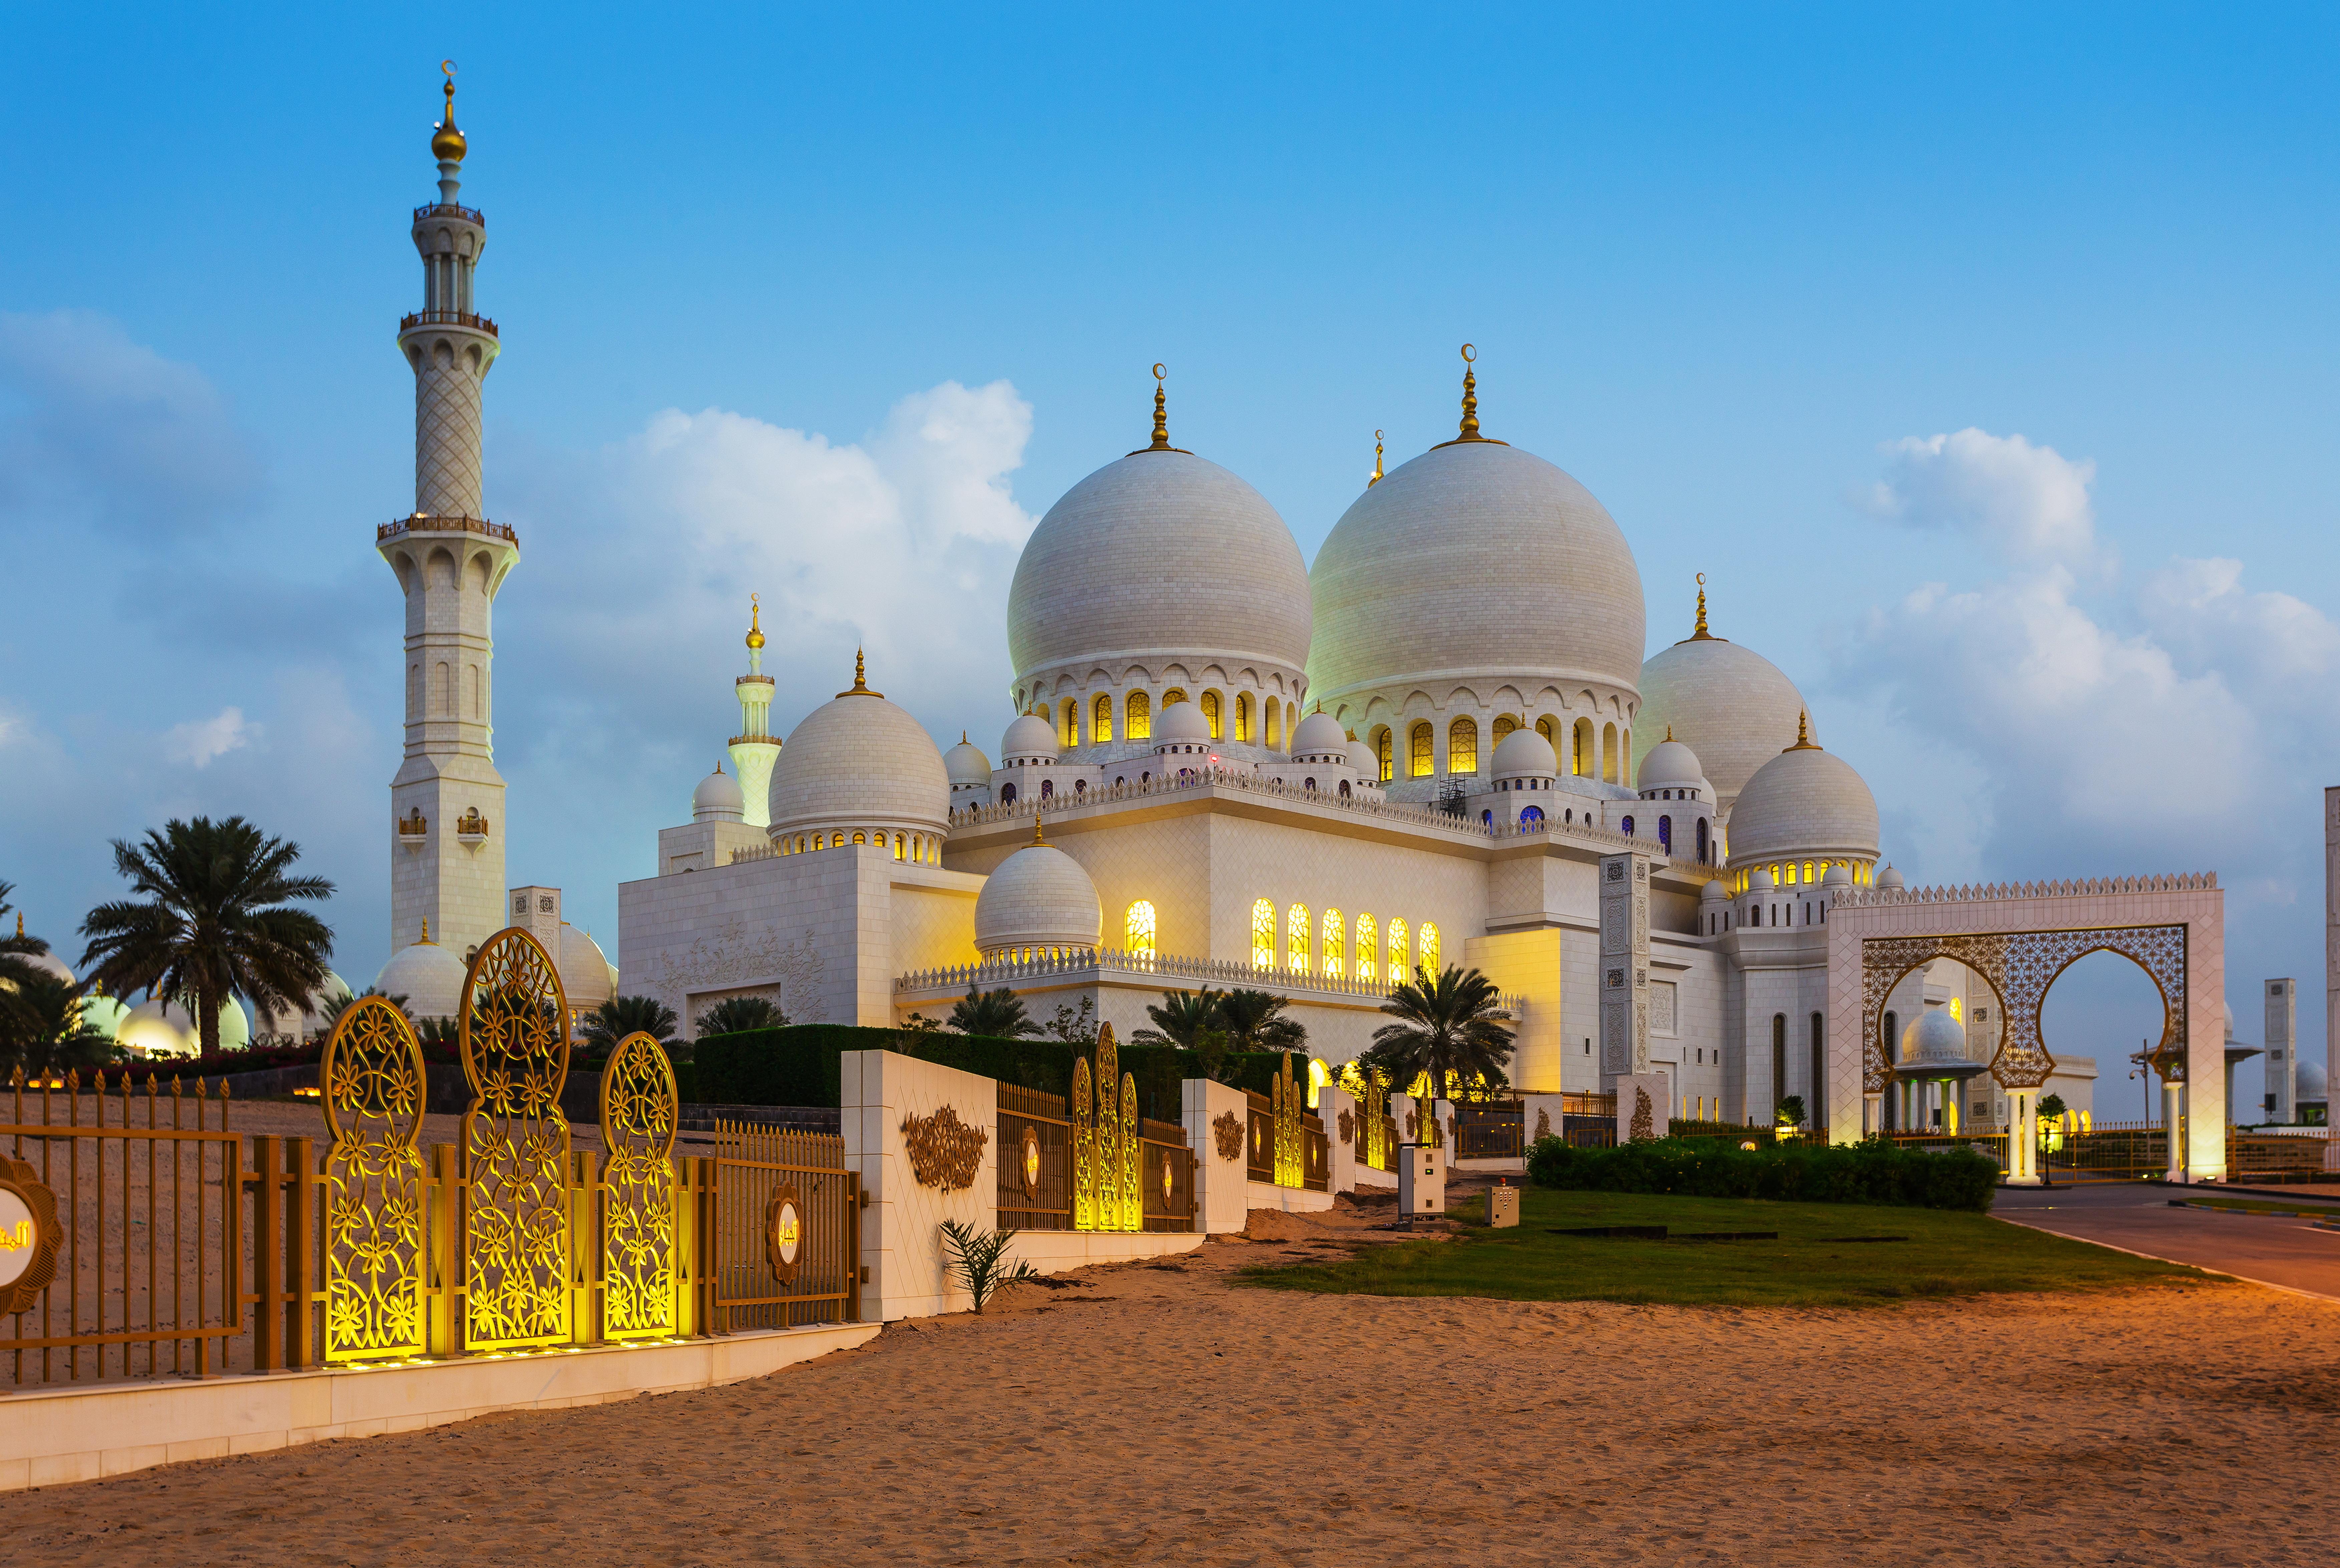 мечеть фото высокое разрешение